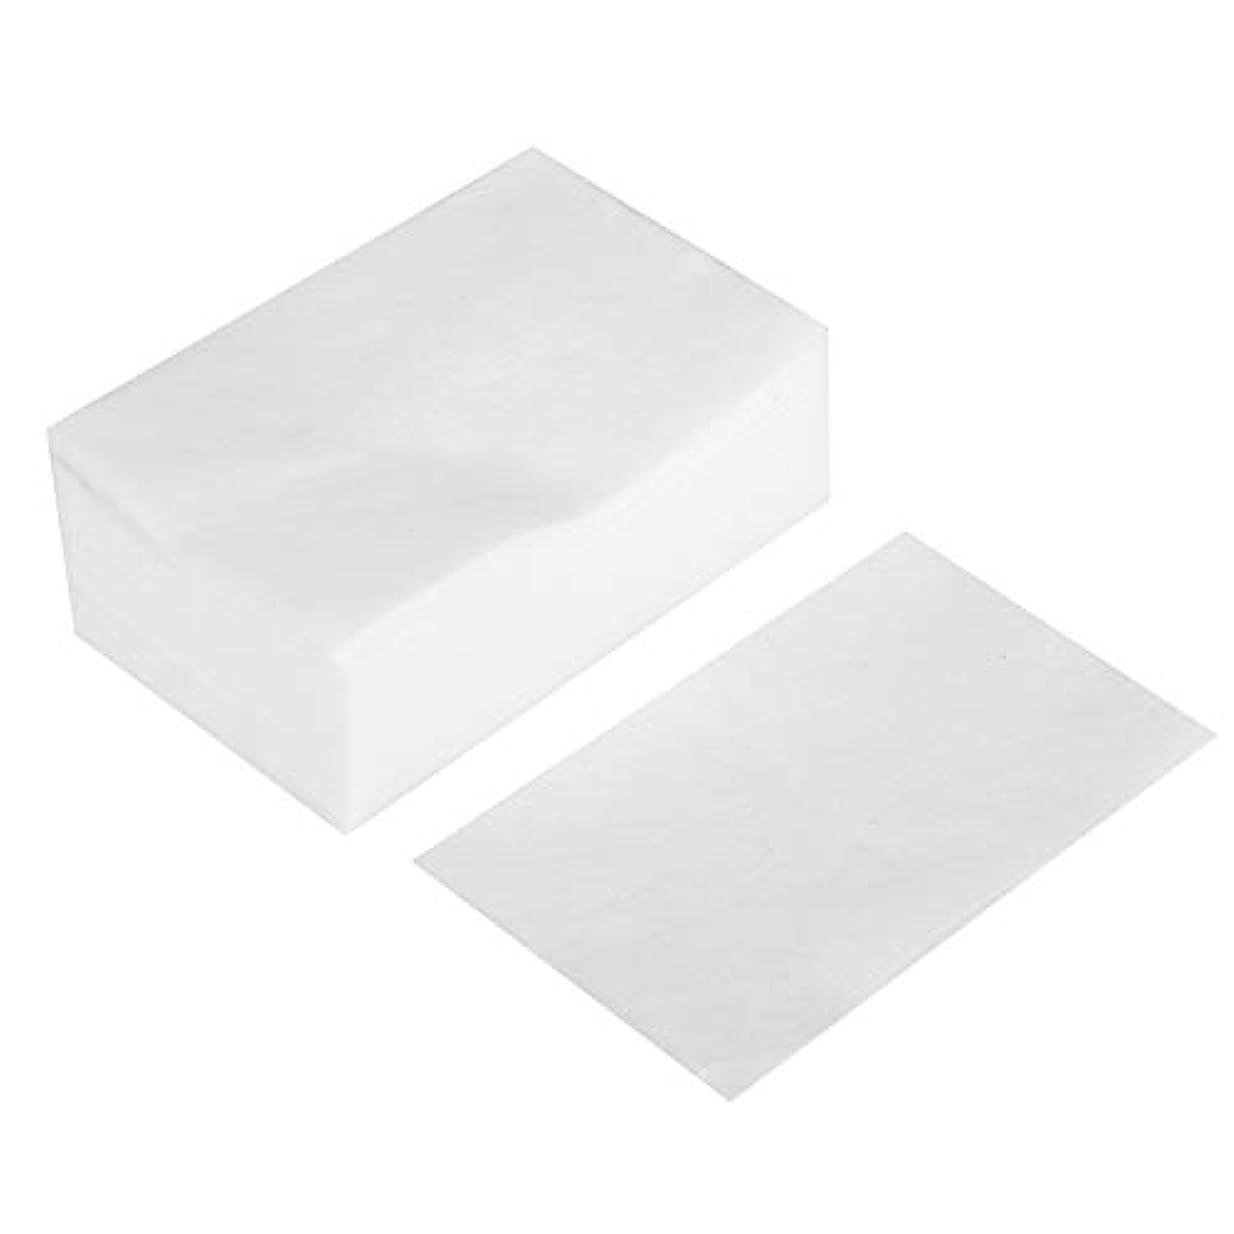 物理的な性差別分岐するメイク落とし - 100個/箱使い捨てメイクアップコットンパッド化粧品リムーバークリーニングワイプ